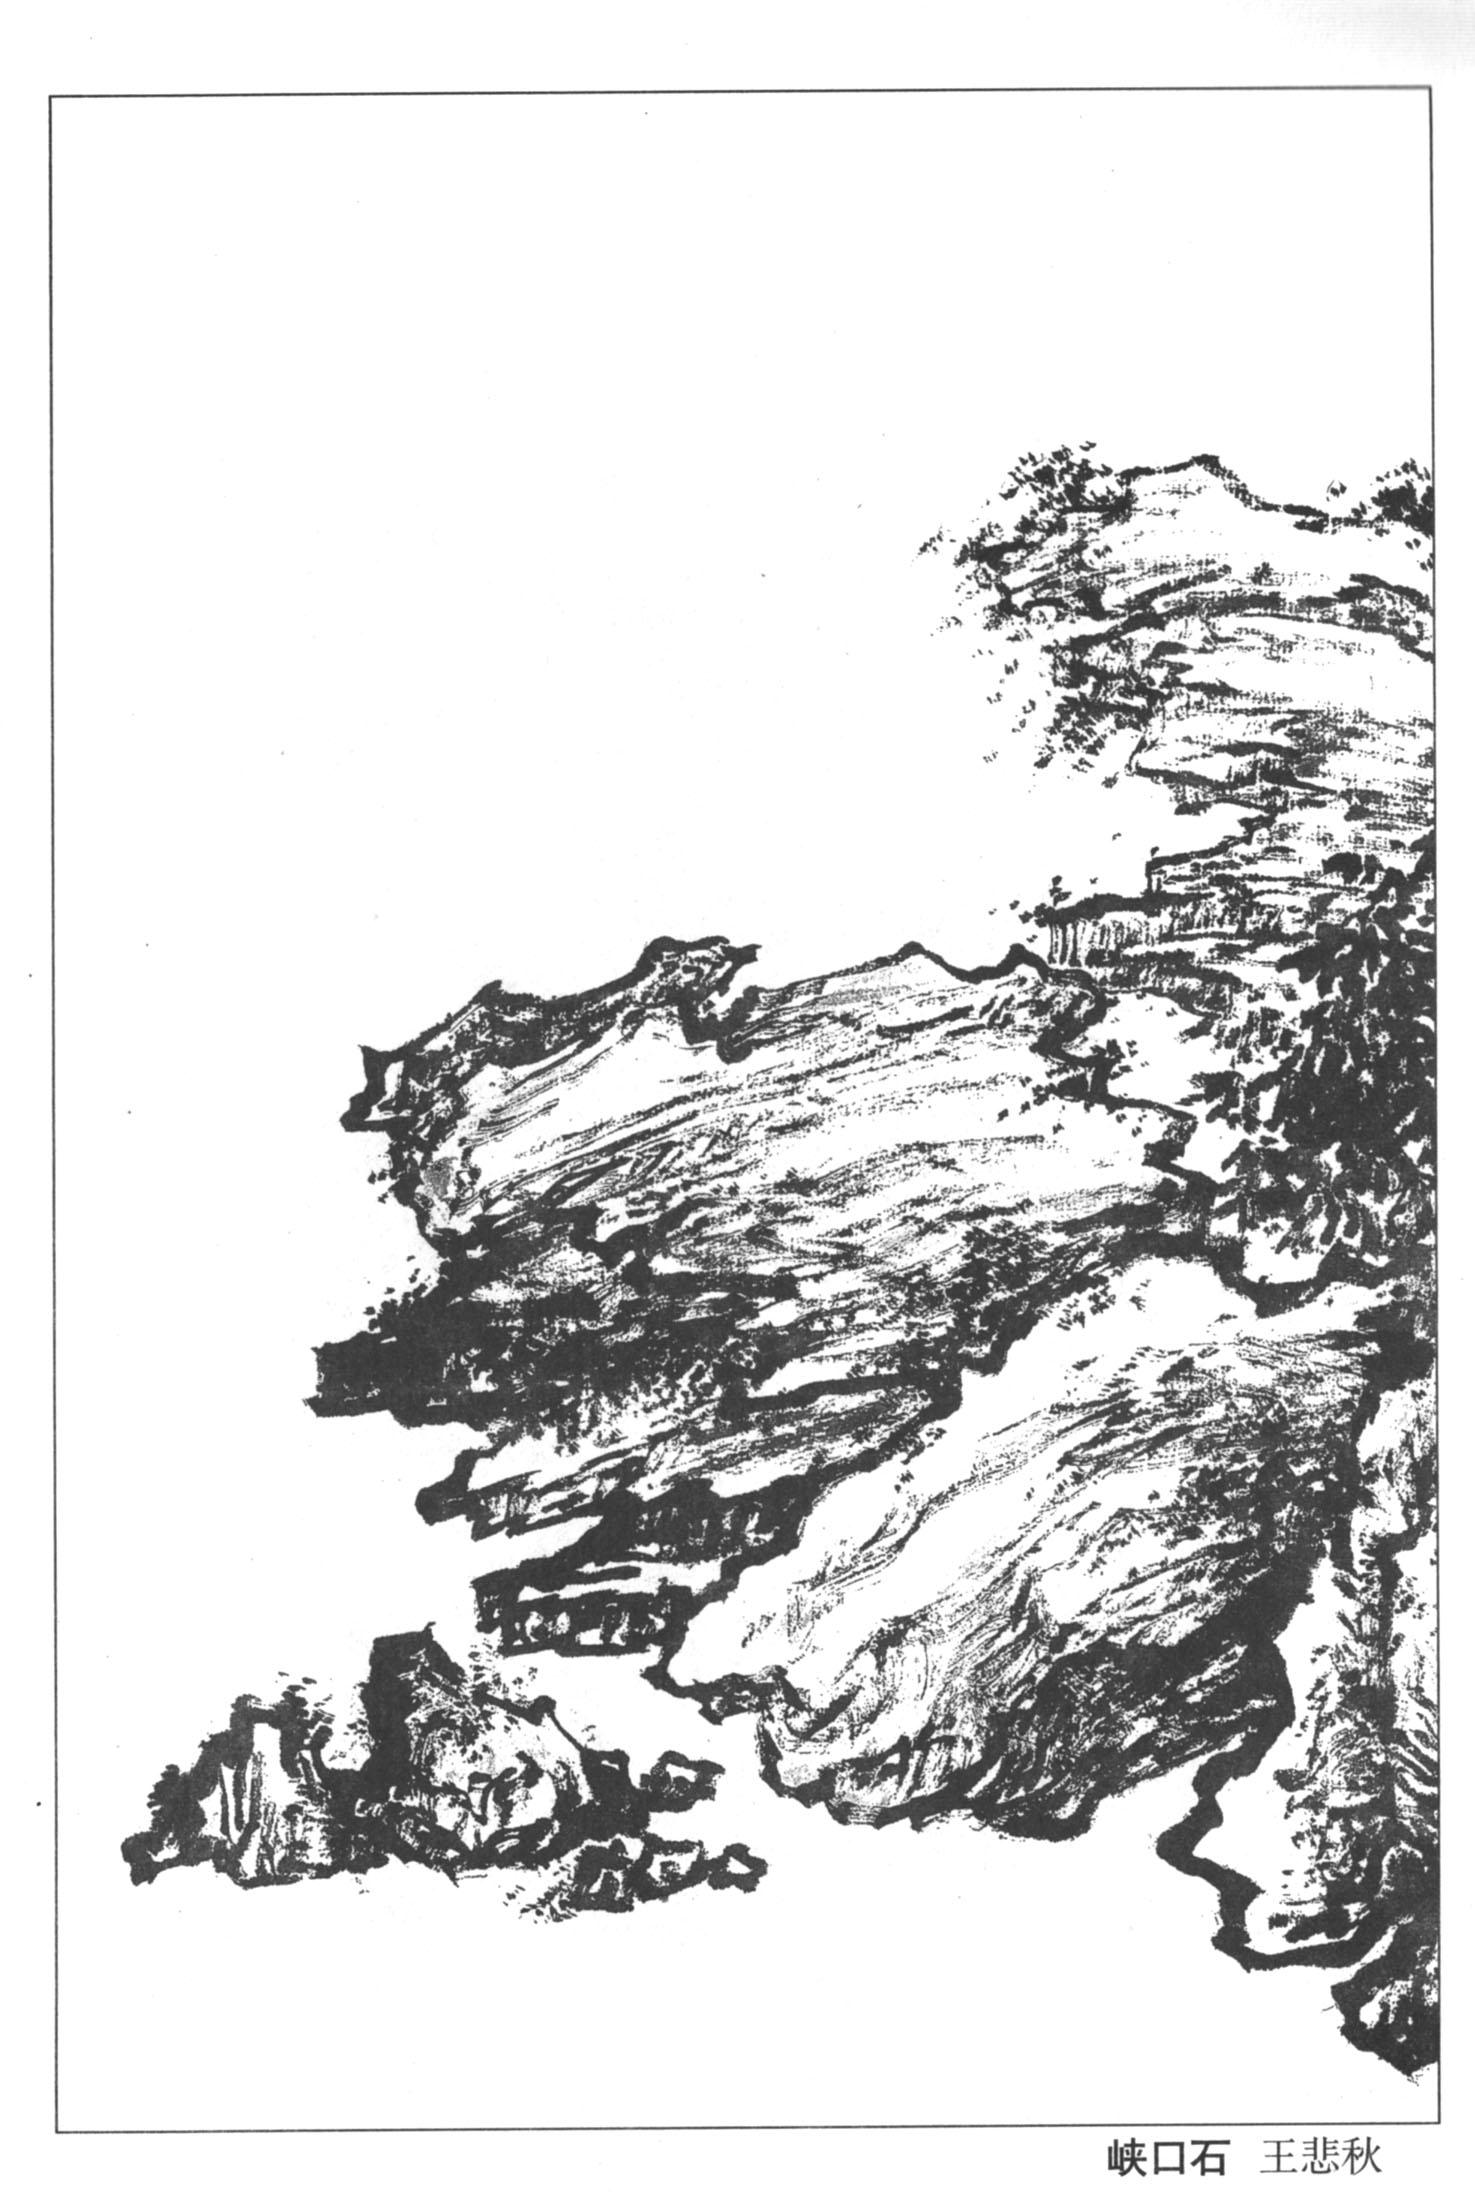 法 山水 树石草木的画法